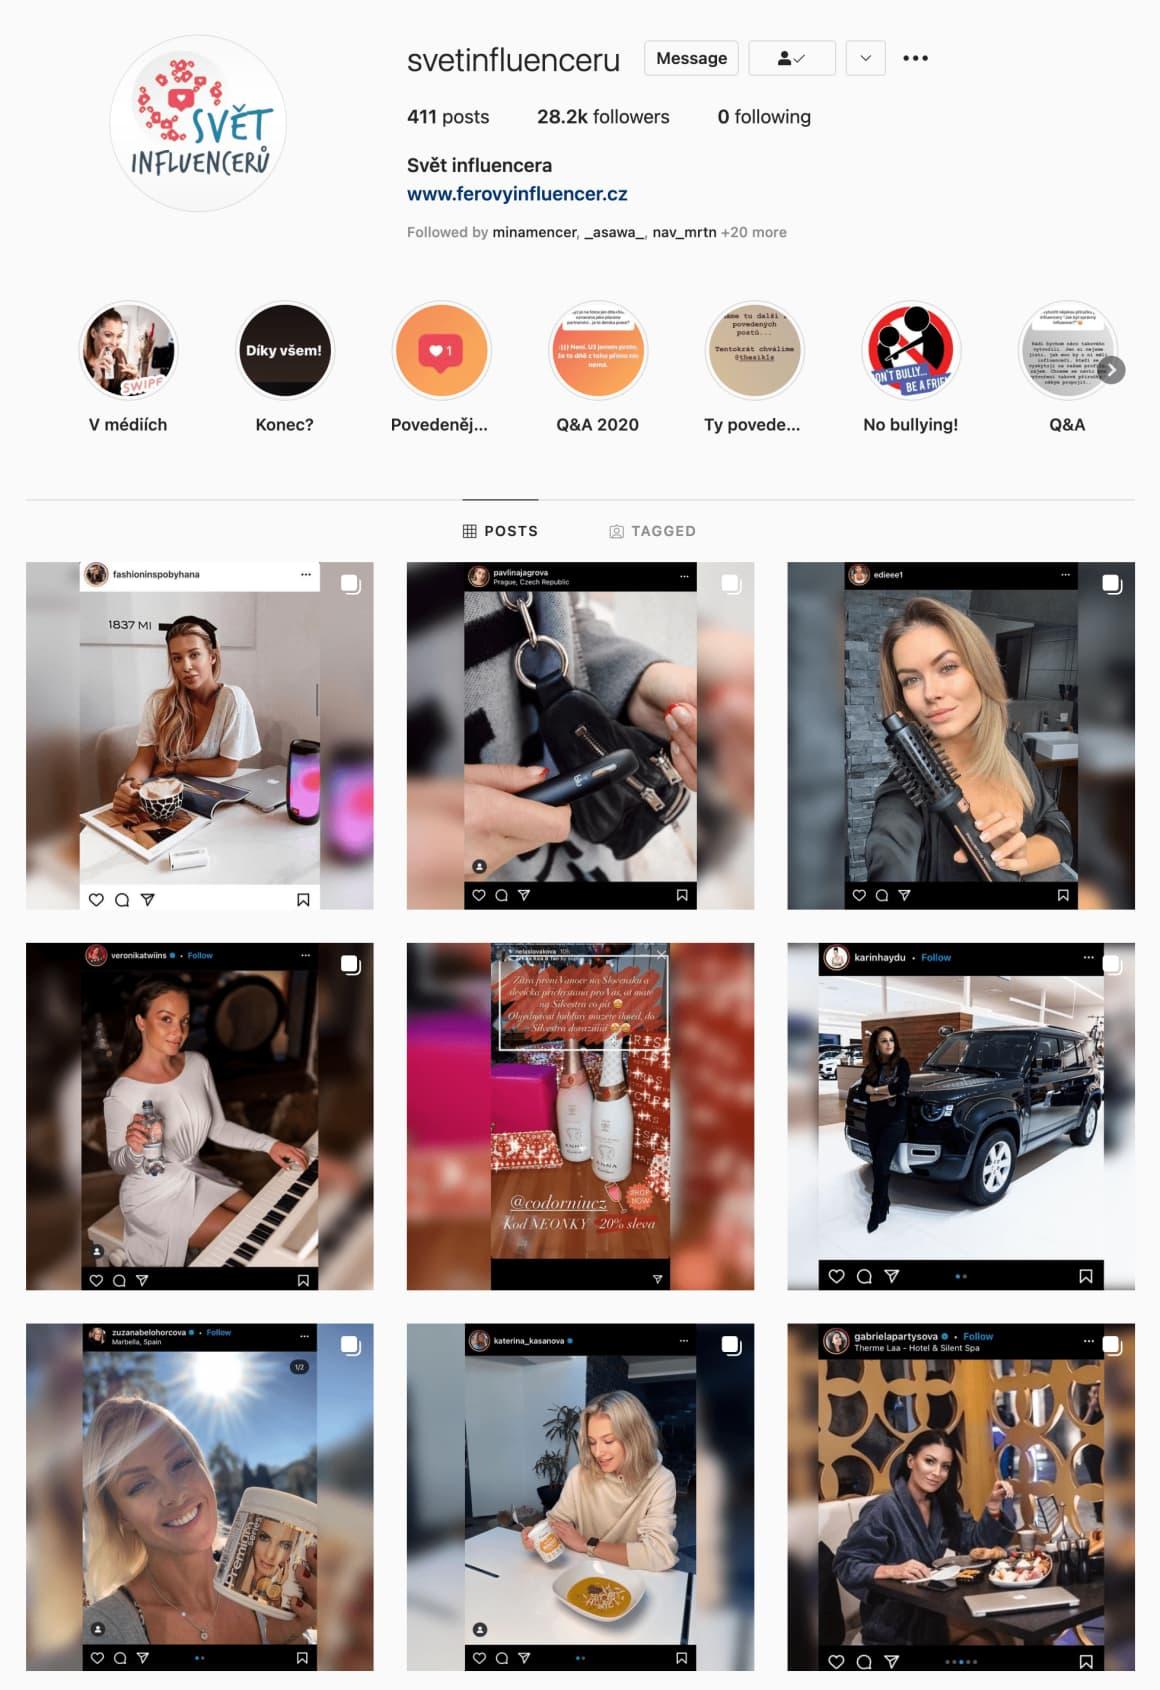 Rozhodně doporučuji sledovat tento profil na Instagramu. Najdete jich určitě více, ale tento je ověřený a starají se o něj správní lidé, kteří upozorňují na povedené a nepovedené spolupráce s influencery.